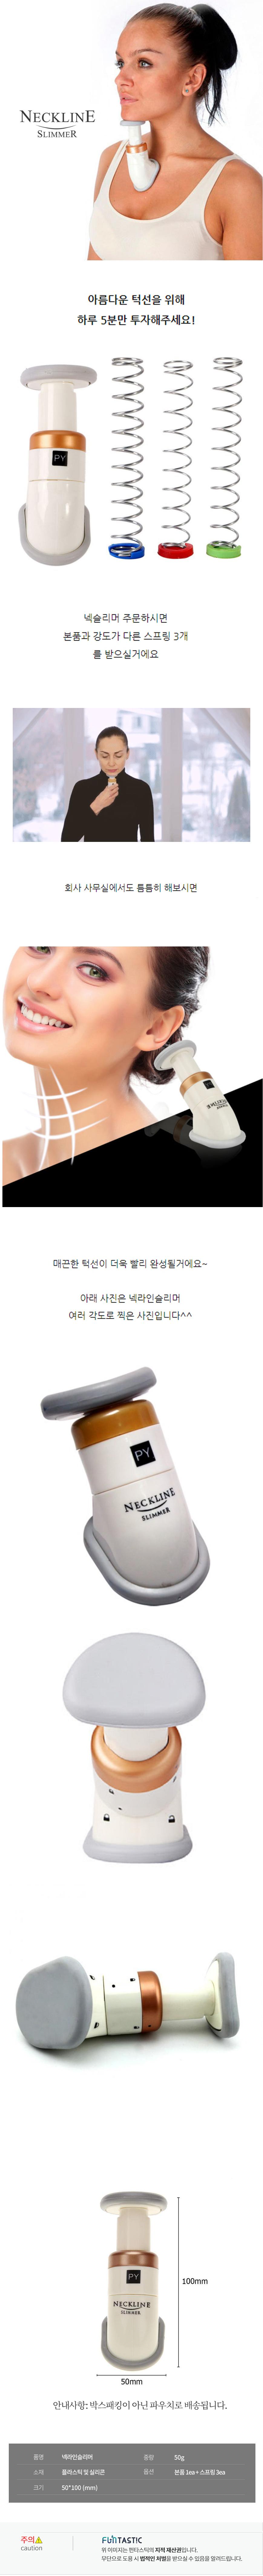 일자목 거북목 자세 교정 넥슬리머 - 옐로우랩, 8,900원, 운동기구/소품, 운동소품